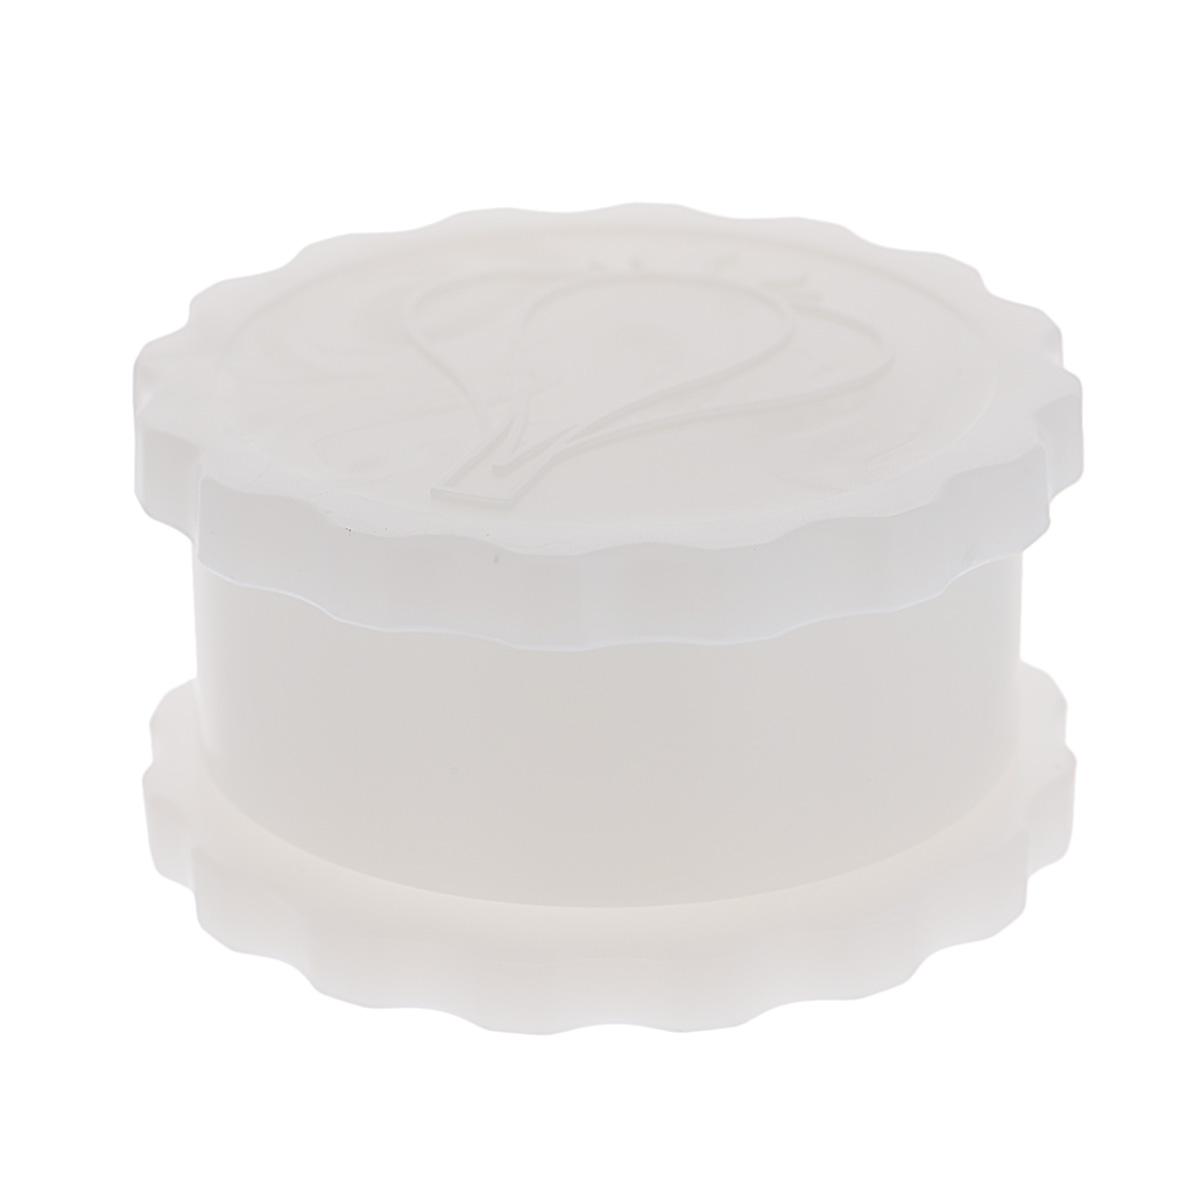 Измельчитель чеснока Альтернатива, цвет: белый, диаметр 8 смМ1693Измельчитель Альтернатива, выполненный из высокопрочного пластика, предназначен для быстрого измельчения зубчиков чеснока. Прибор также можно использовать для отделения головок чеснока от шелухи. Измельчитель очень прост в использовании: положите внутрь чеснок и покрутите крышку, придерживая основание. Прибор быстро и без отходов измельчит чеснок. Пригоден для мытья в посудомоечной машине.Диаметр измельчителя: 8 см.Высота измельчителя: 4,5 см.